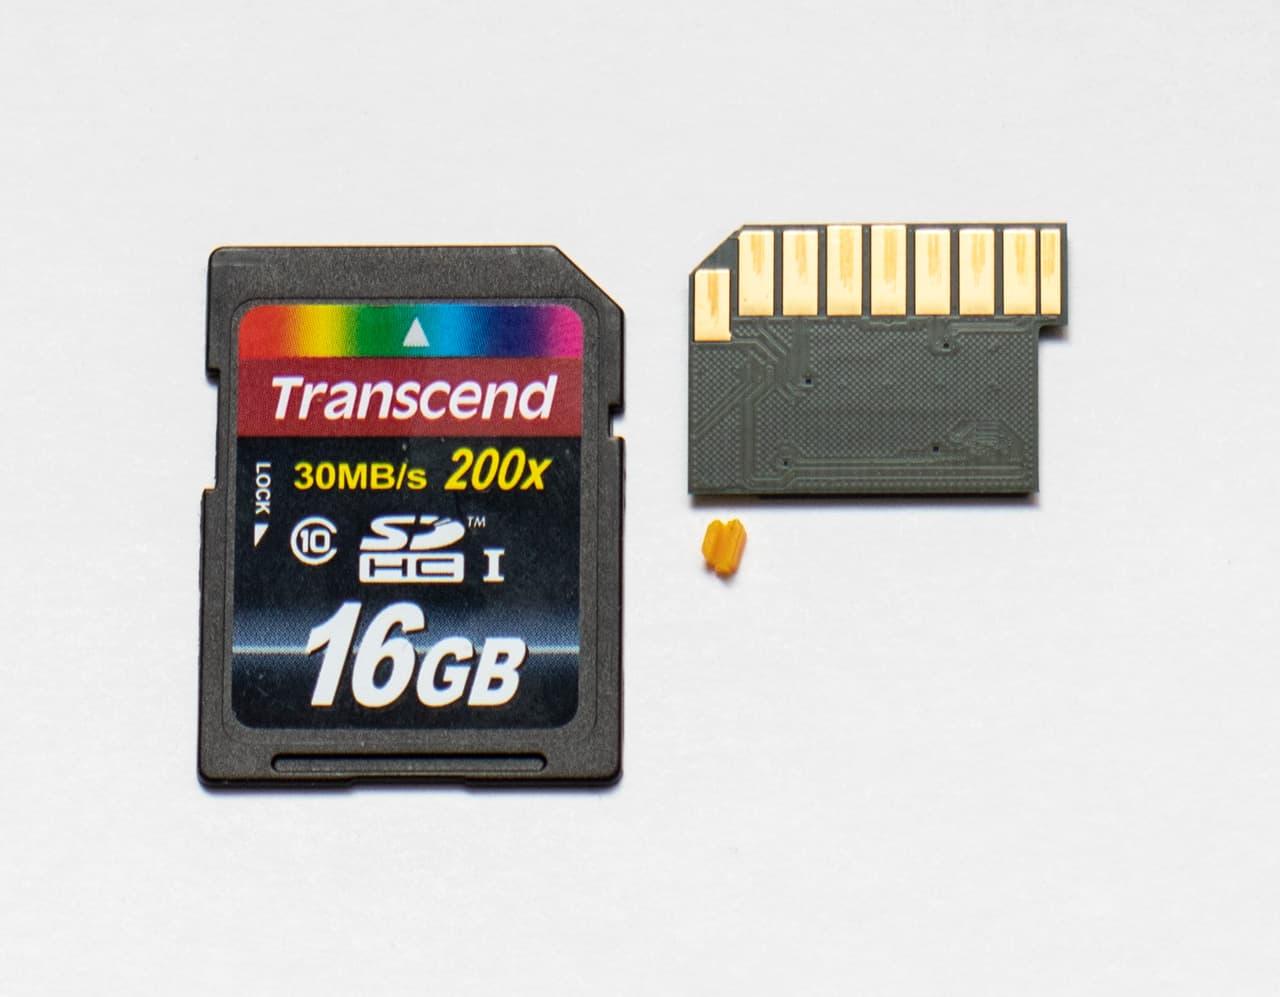 Плата толщиной < 0,25 мм на чипе памяти